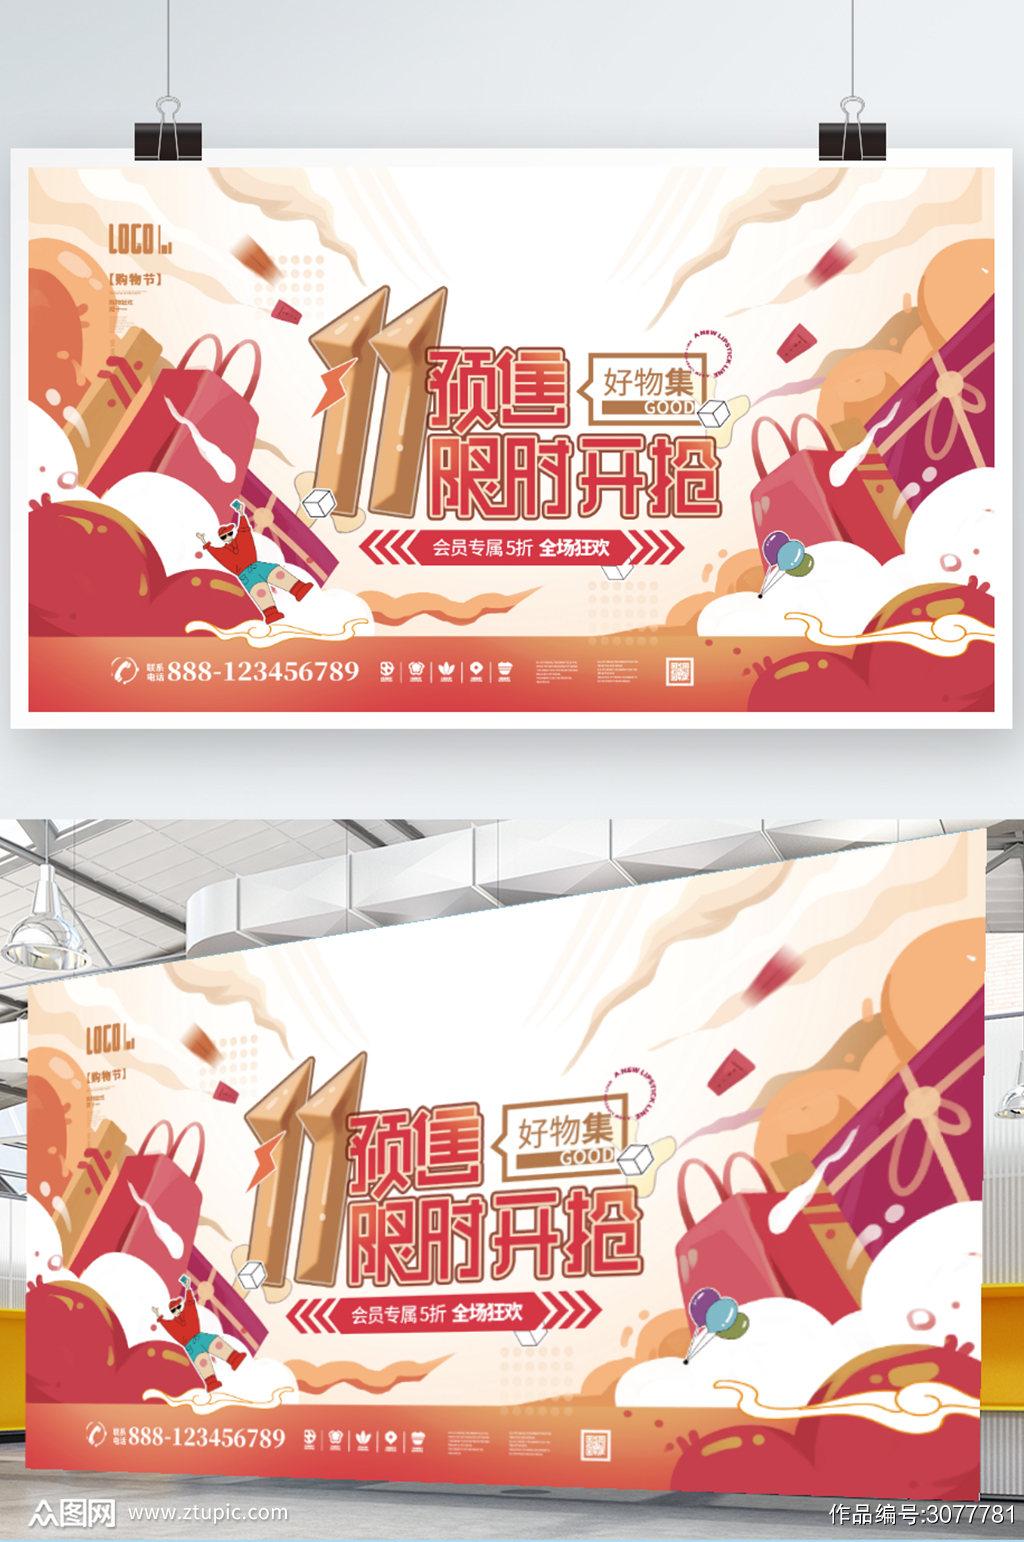 红色双十一潮流促销手绘插画元素预告展板素材